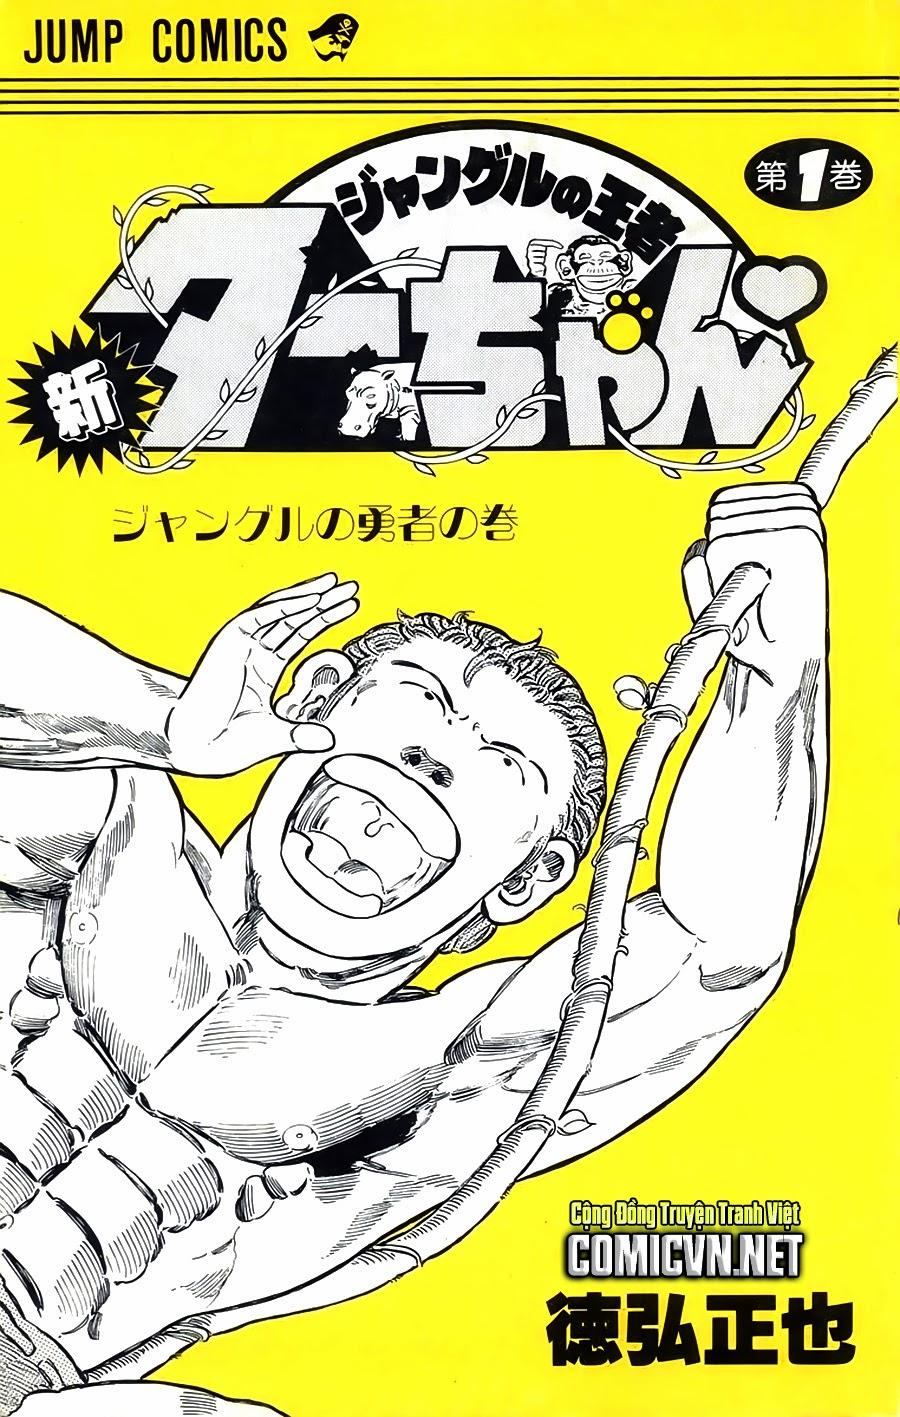 Chúa rừng Ta-chan chapter 113 (new - phần 2 chapter 1) trang 2